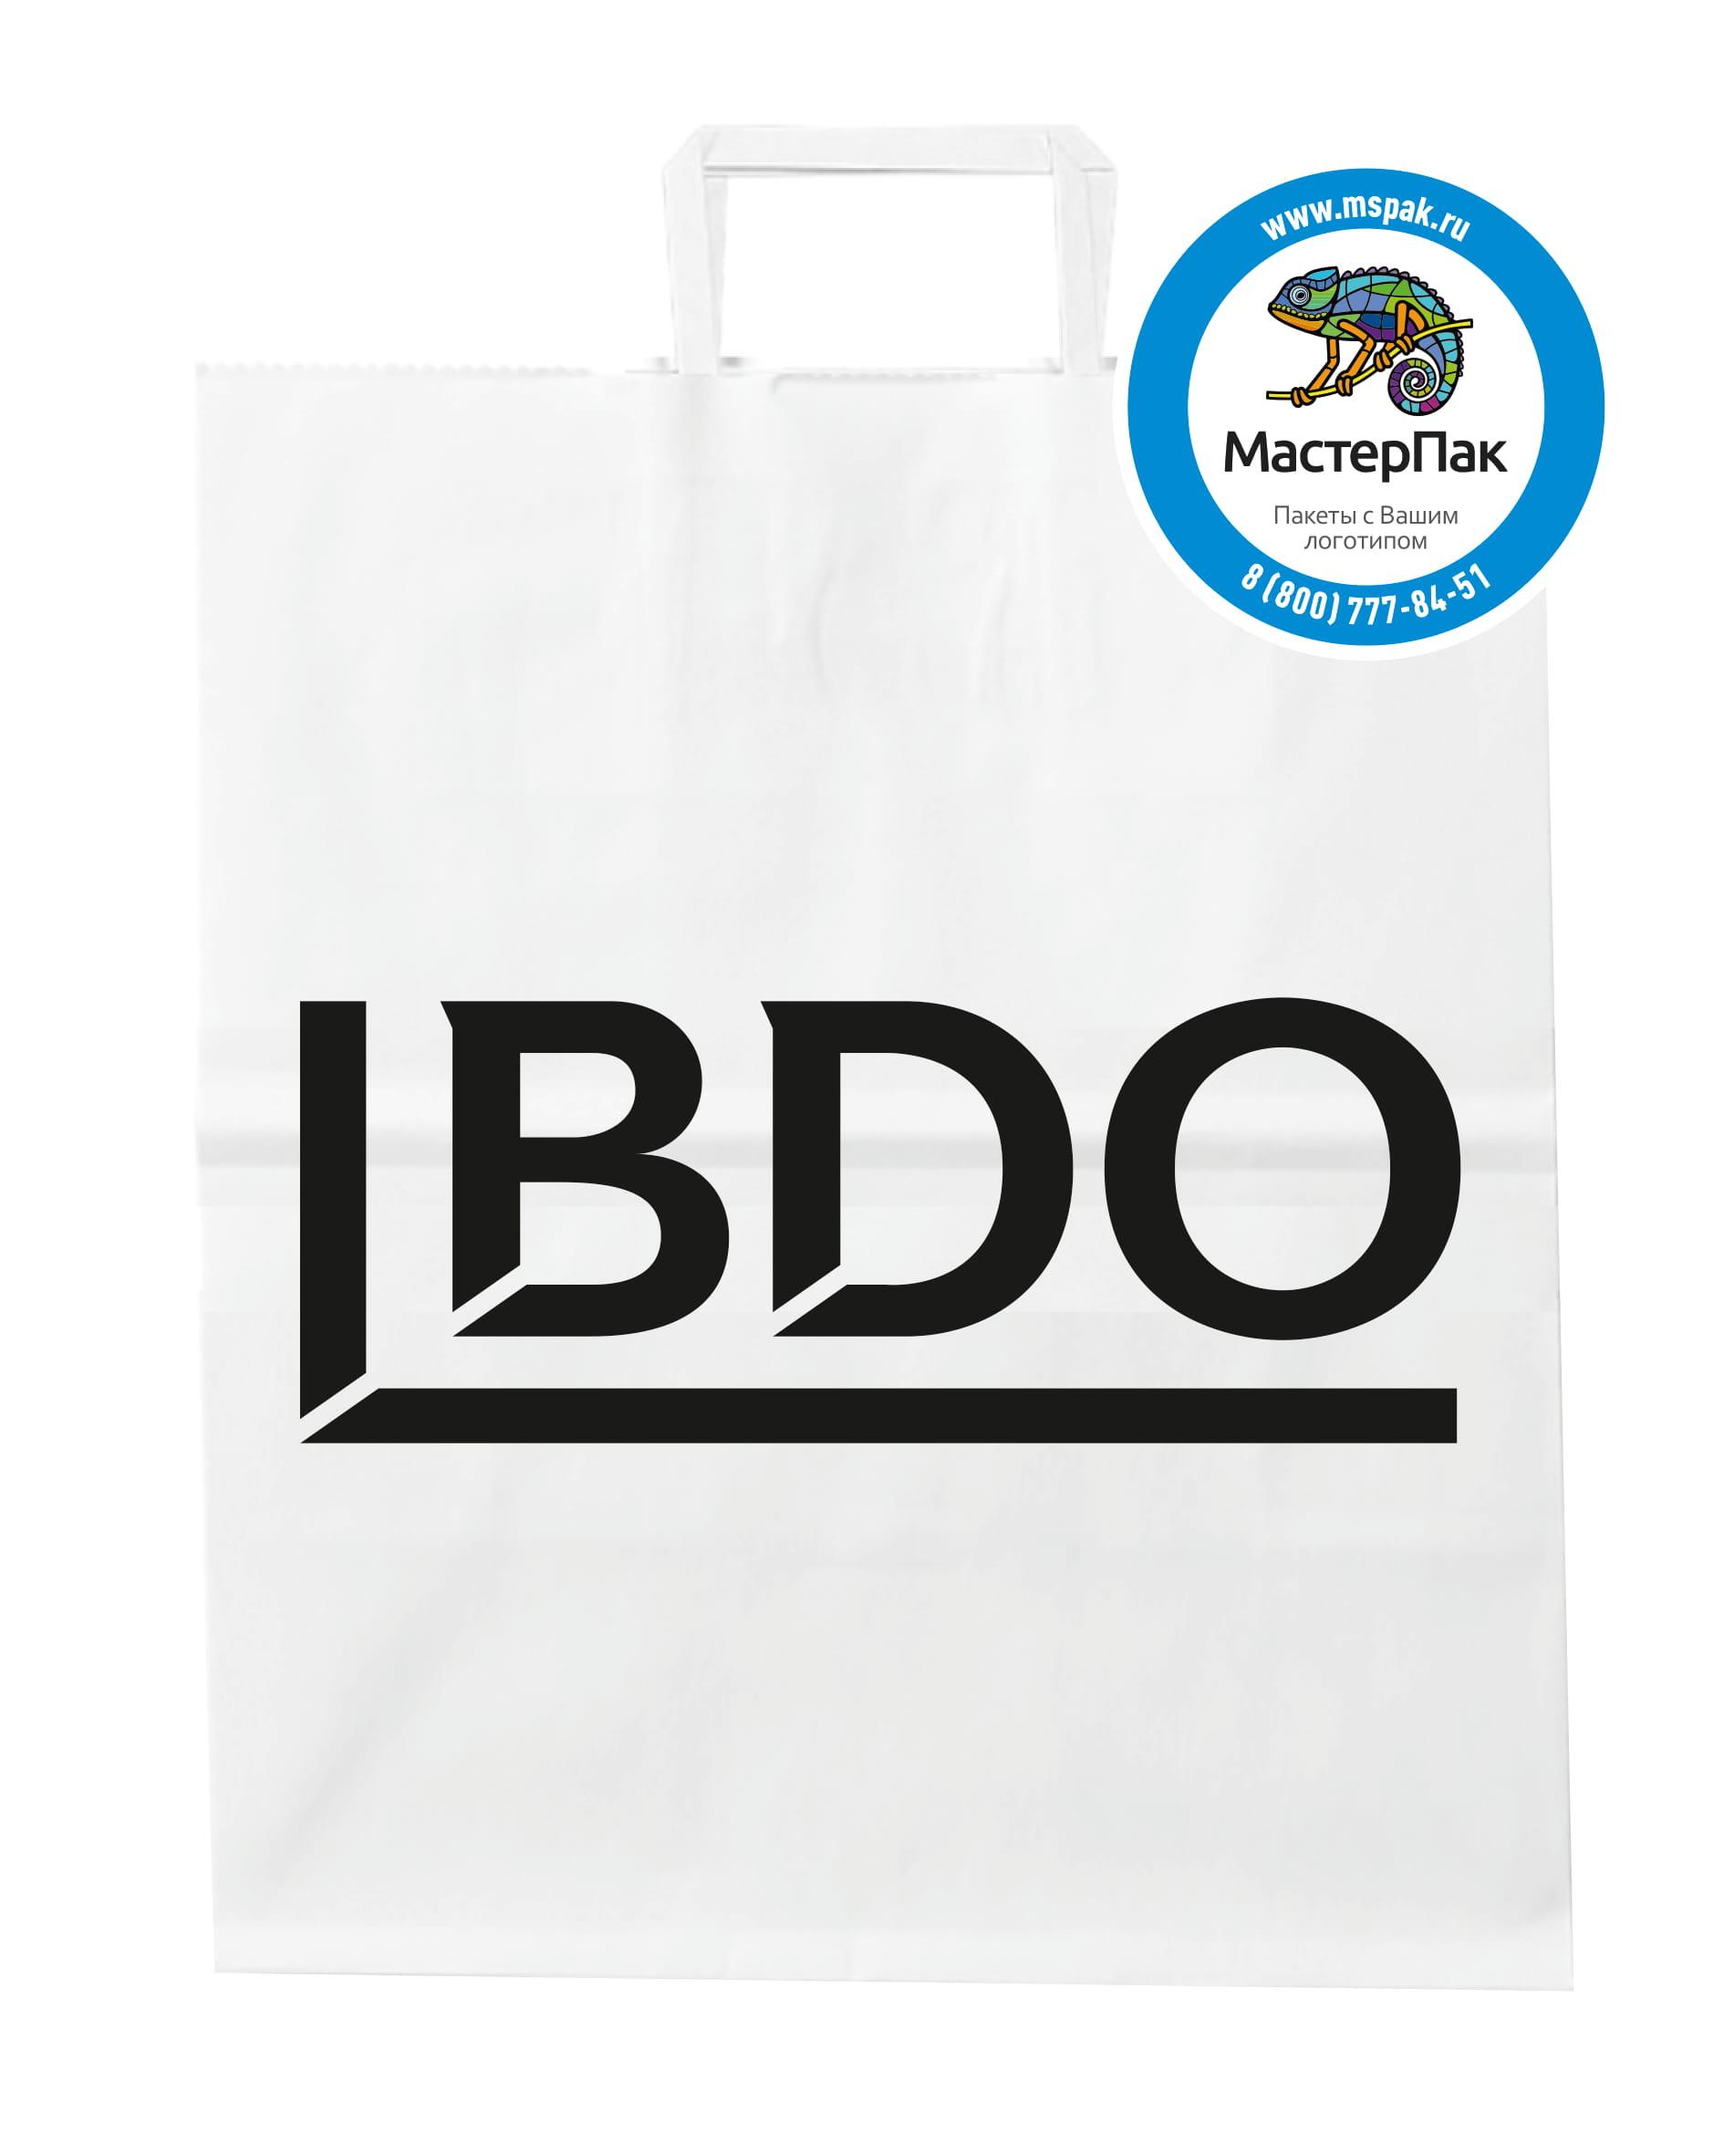 Пакет бумажный, крафт с плоскими ручками и логотипом BDO, Москва